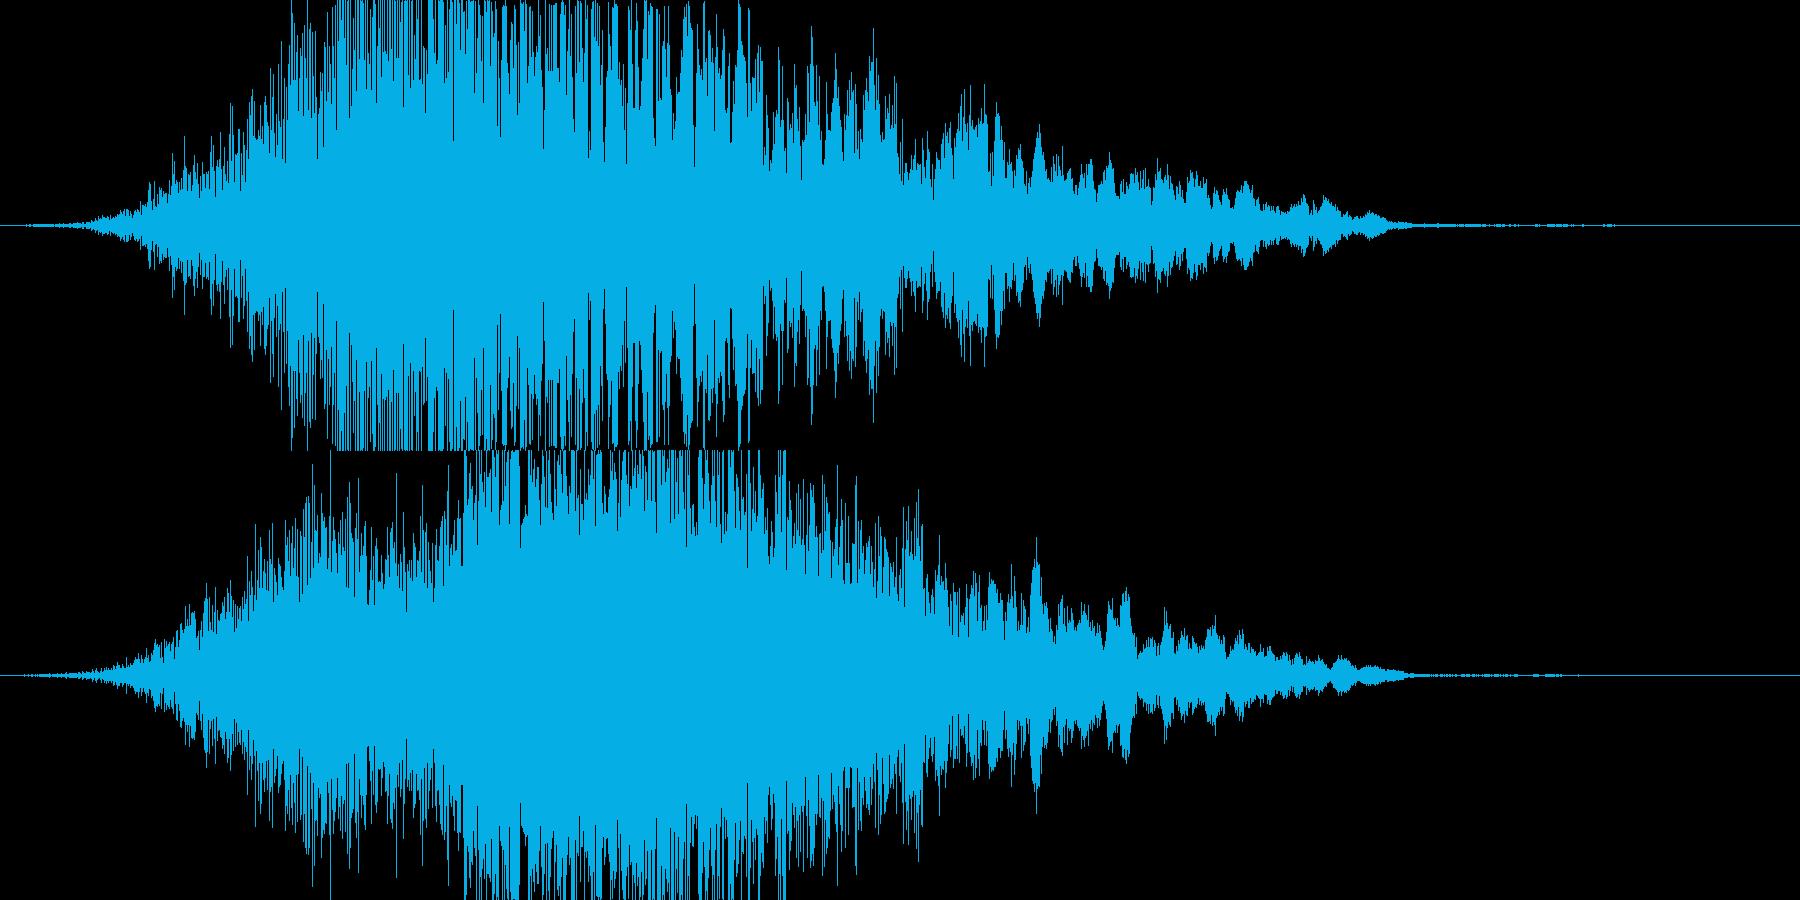 シュワーンと光がせり上がるような音の再生済みの波形